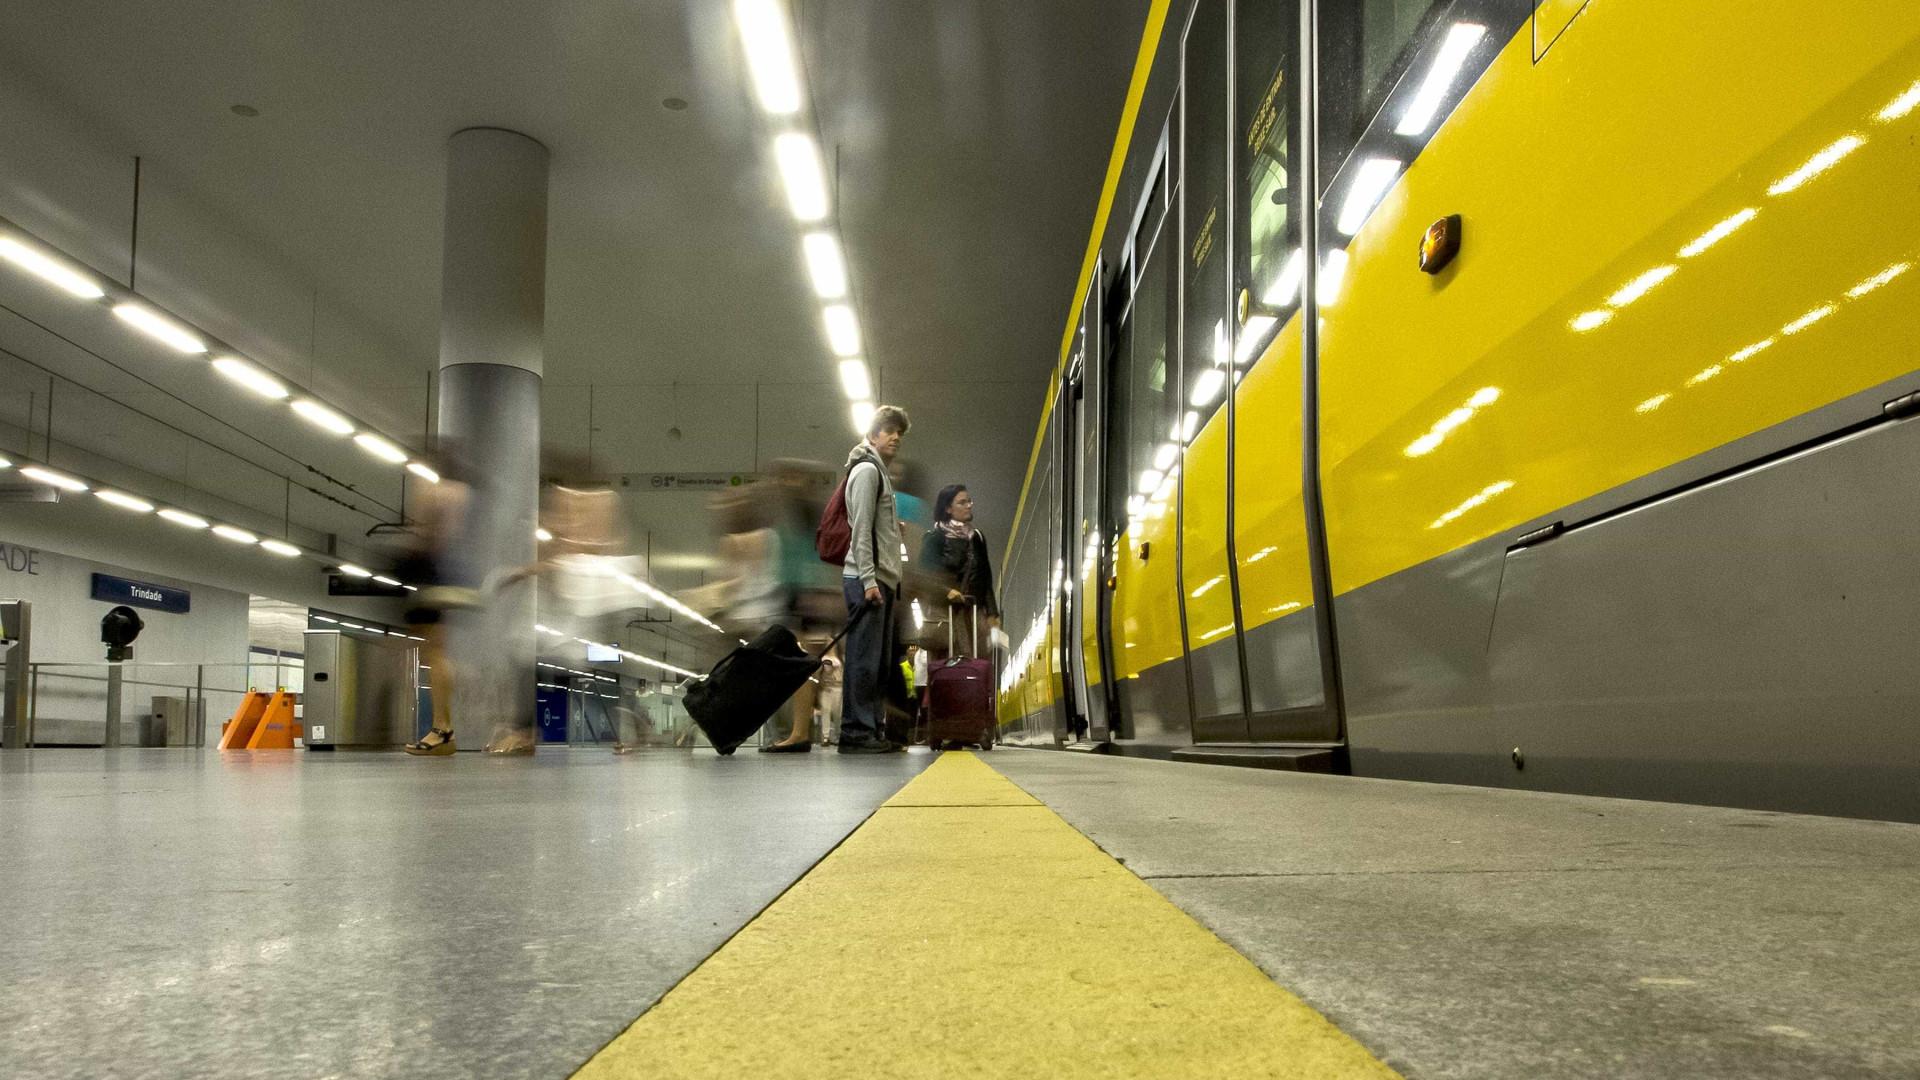 Greve condiciona serviço regular do Metro do Porto quinta e sexta-feira